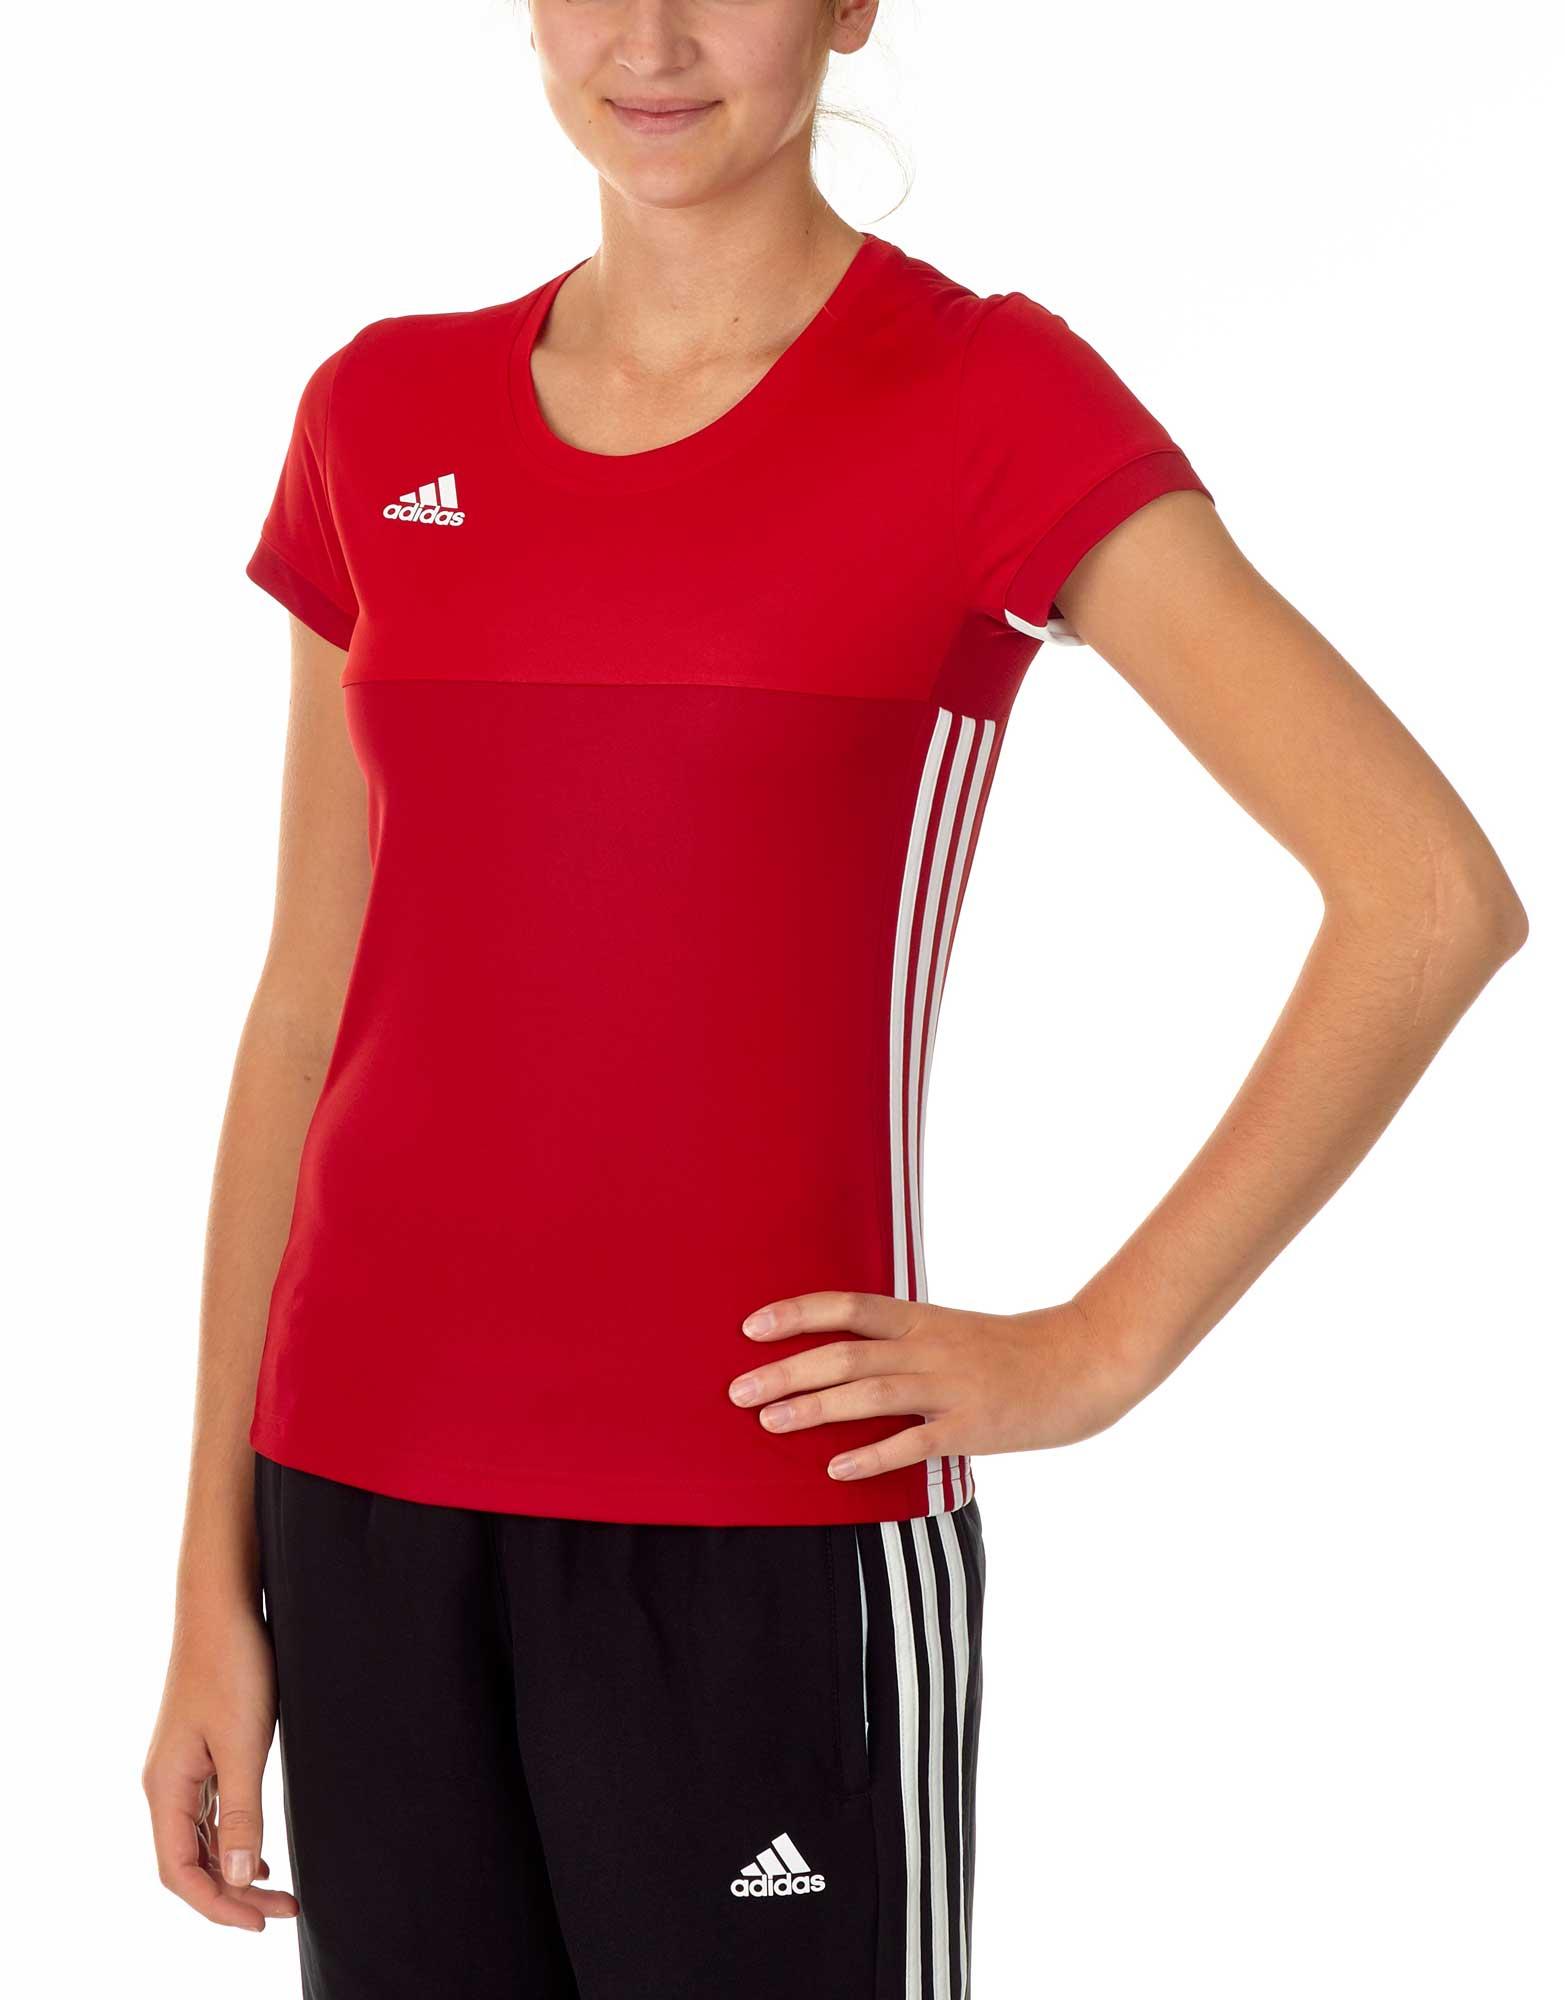 adidas team wear t16 lady spezial t16 im sport und. Black Bedroom Furniture Sets. Home Design Ideas